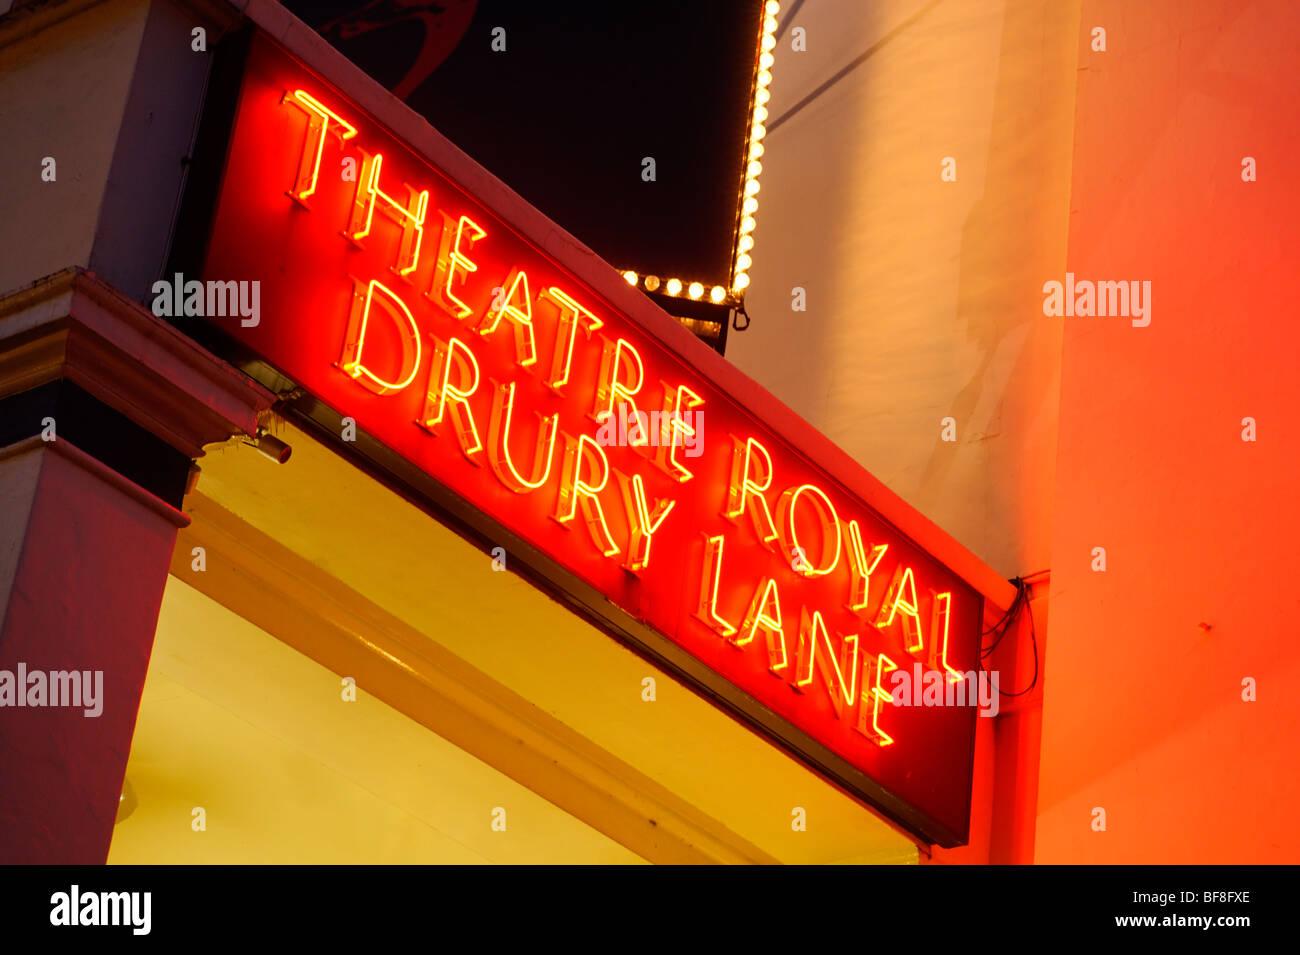 Neon Sign. Theatre Royal Drury Lane. London. UK 2009. - Stock Image